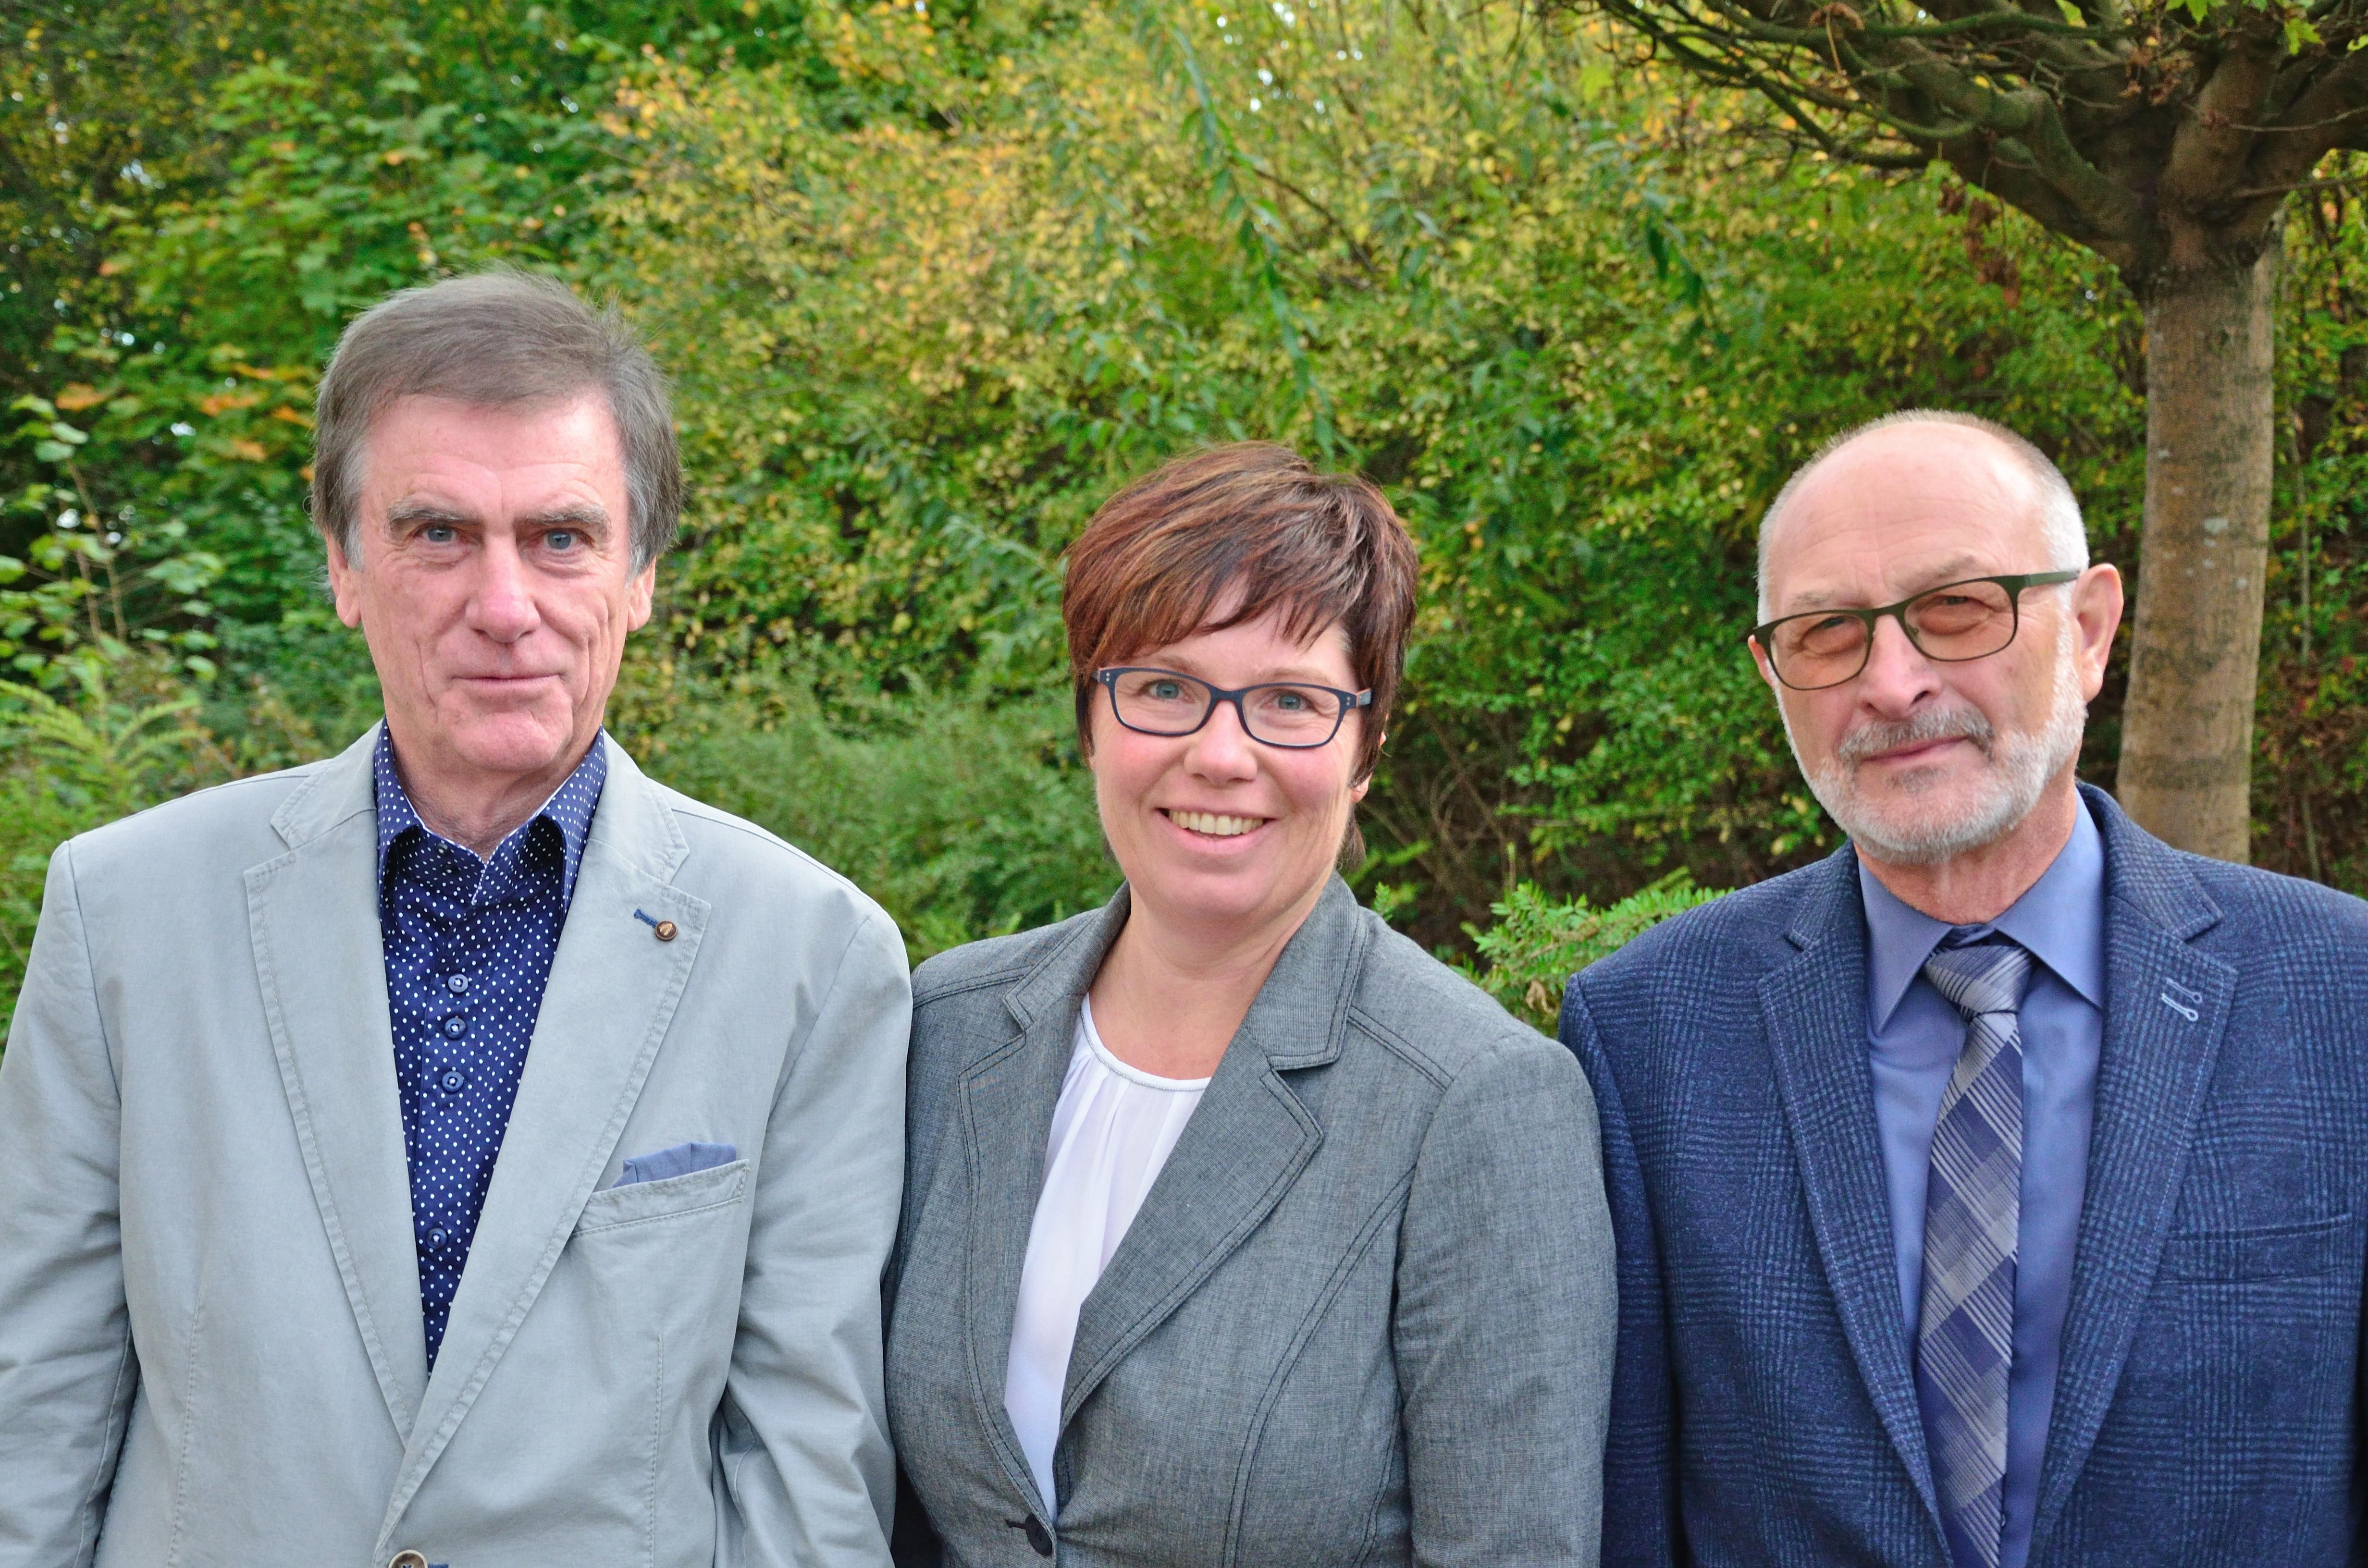 Amtsdirektorin Lehmann und ihre Stellvertreter Ziegelitz und Jahn